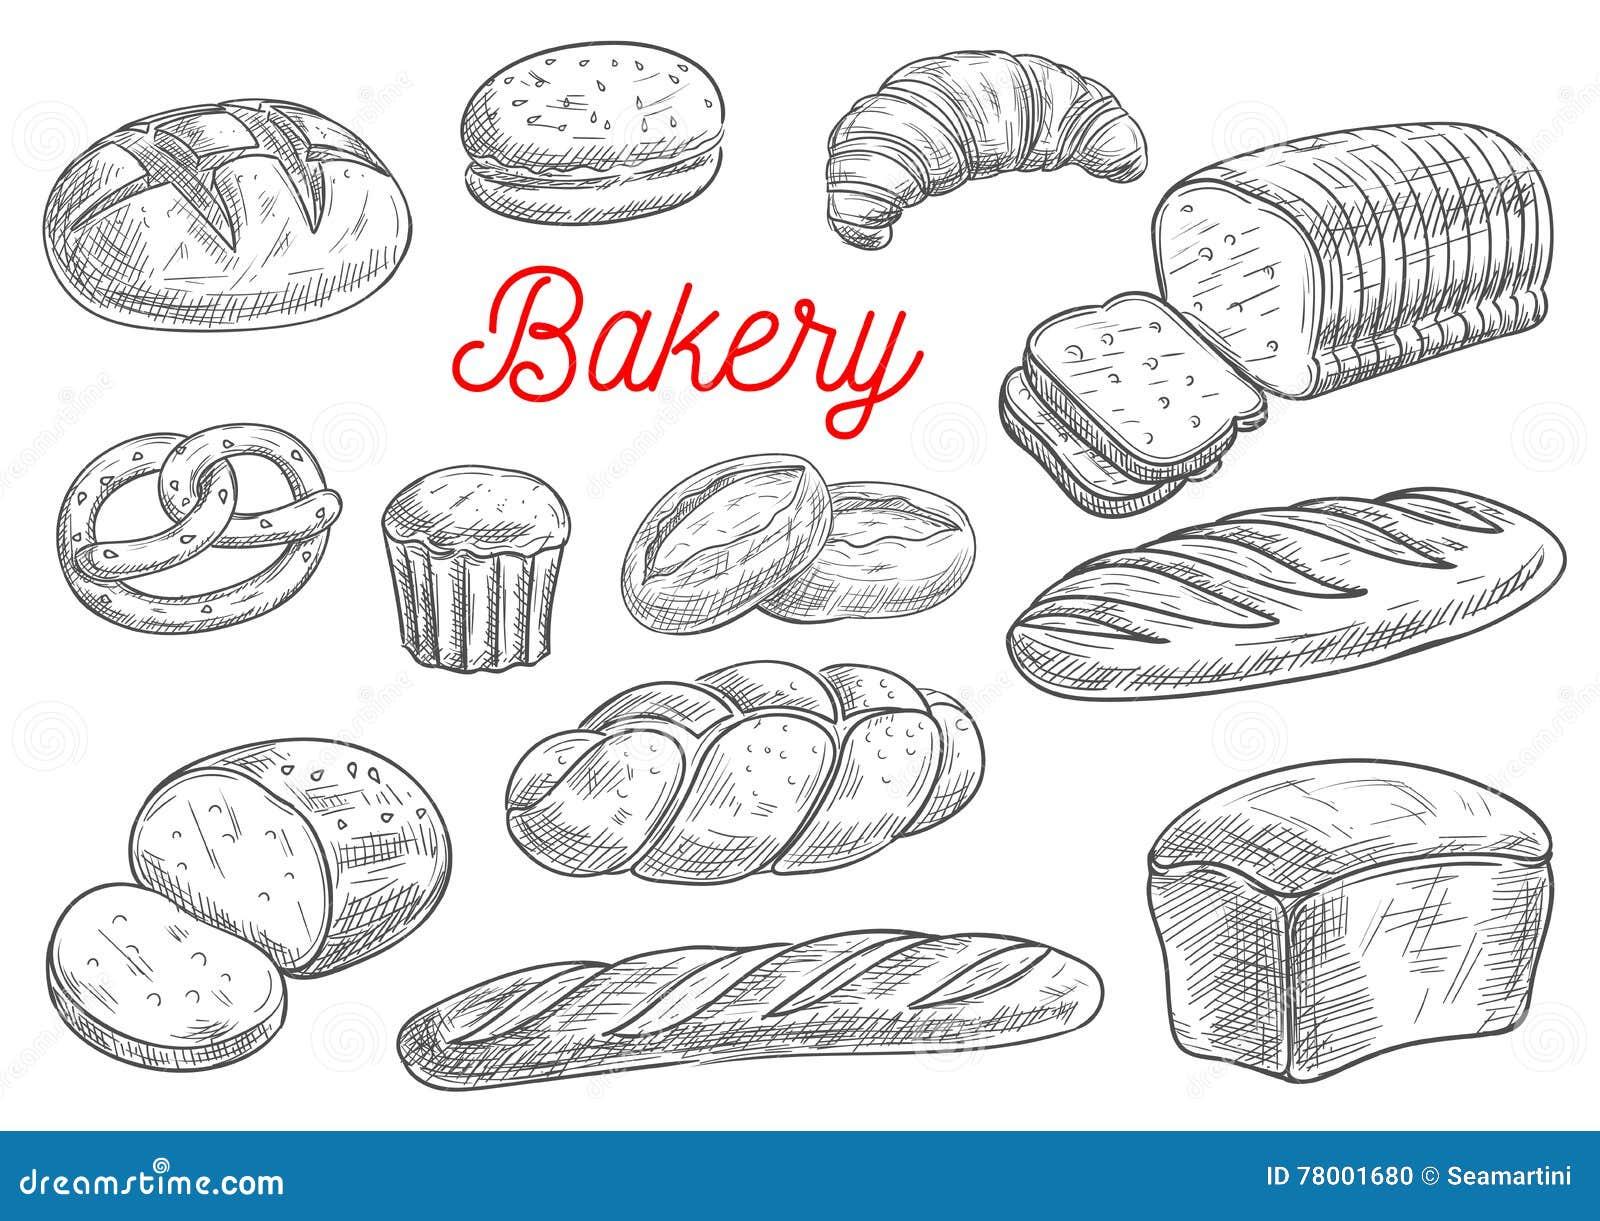 Esboços do vetor dos produtos do pão e da padaria